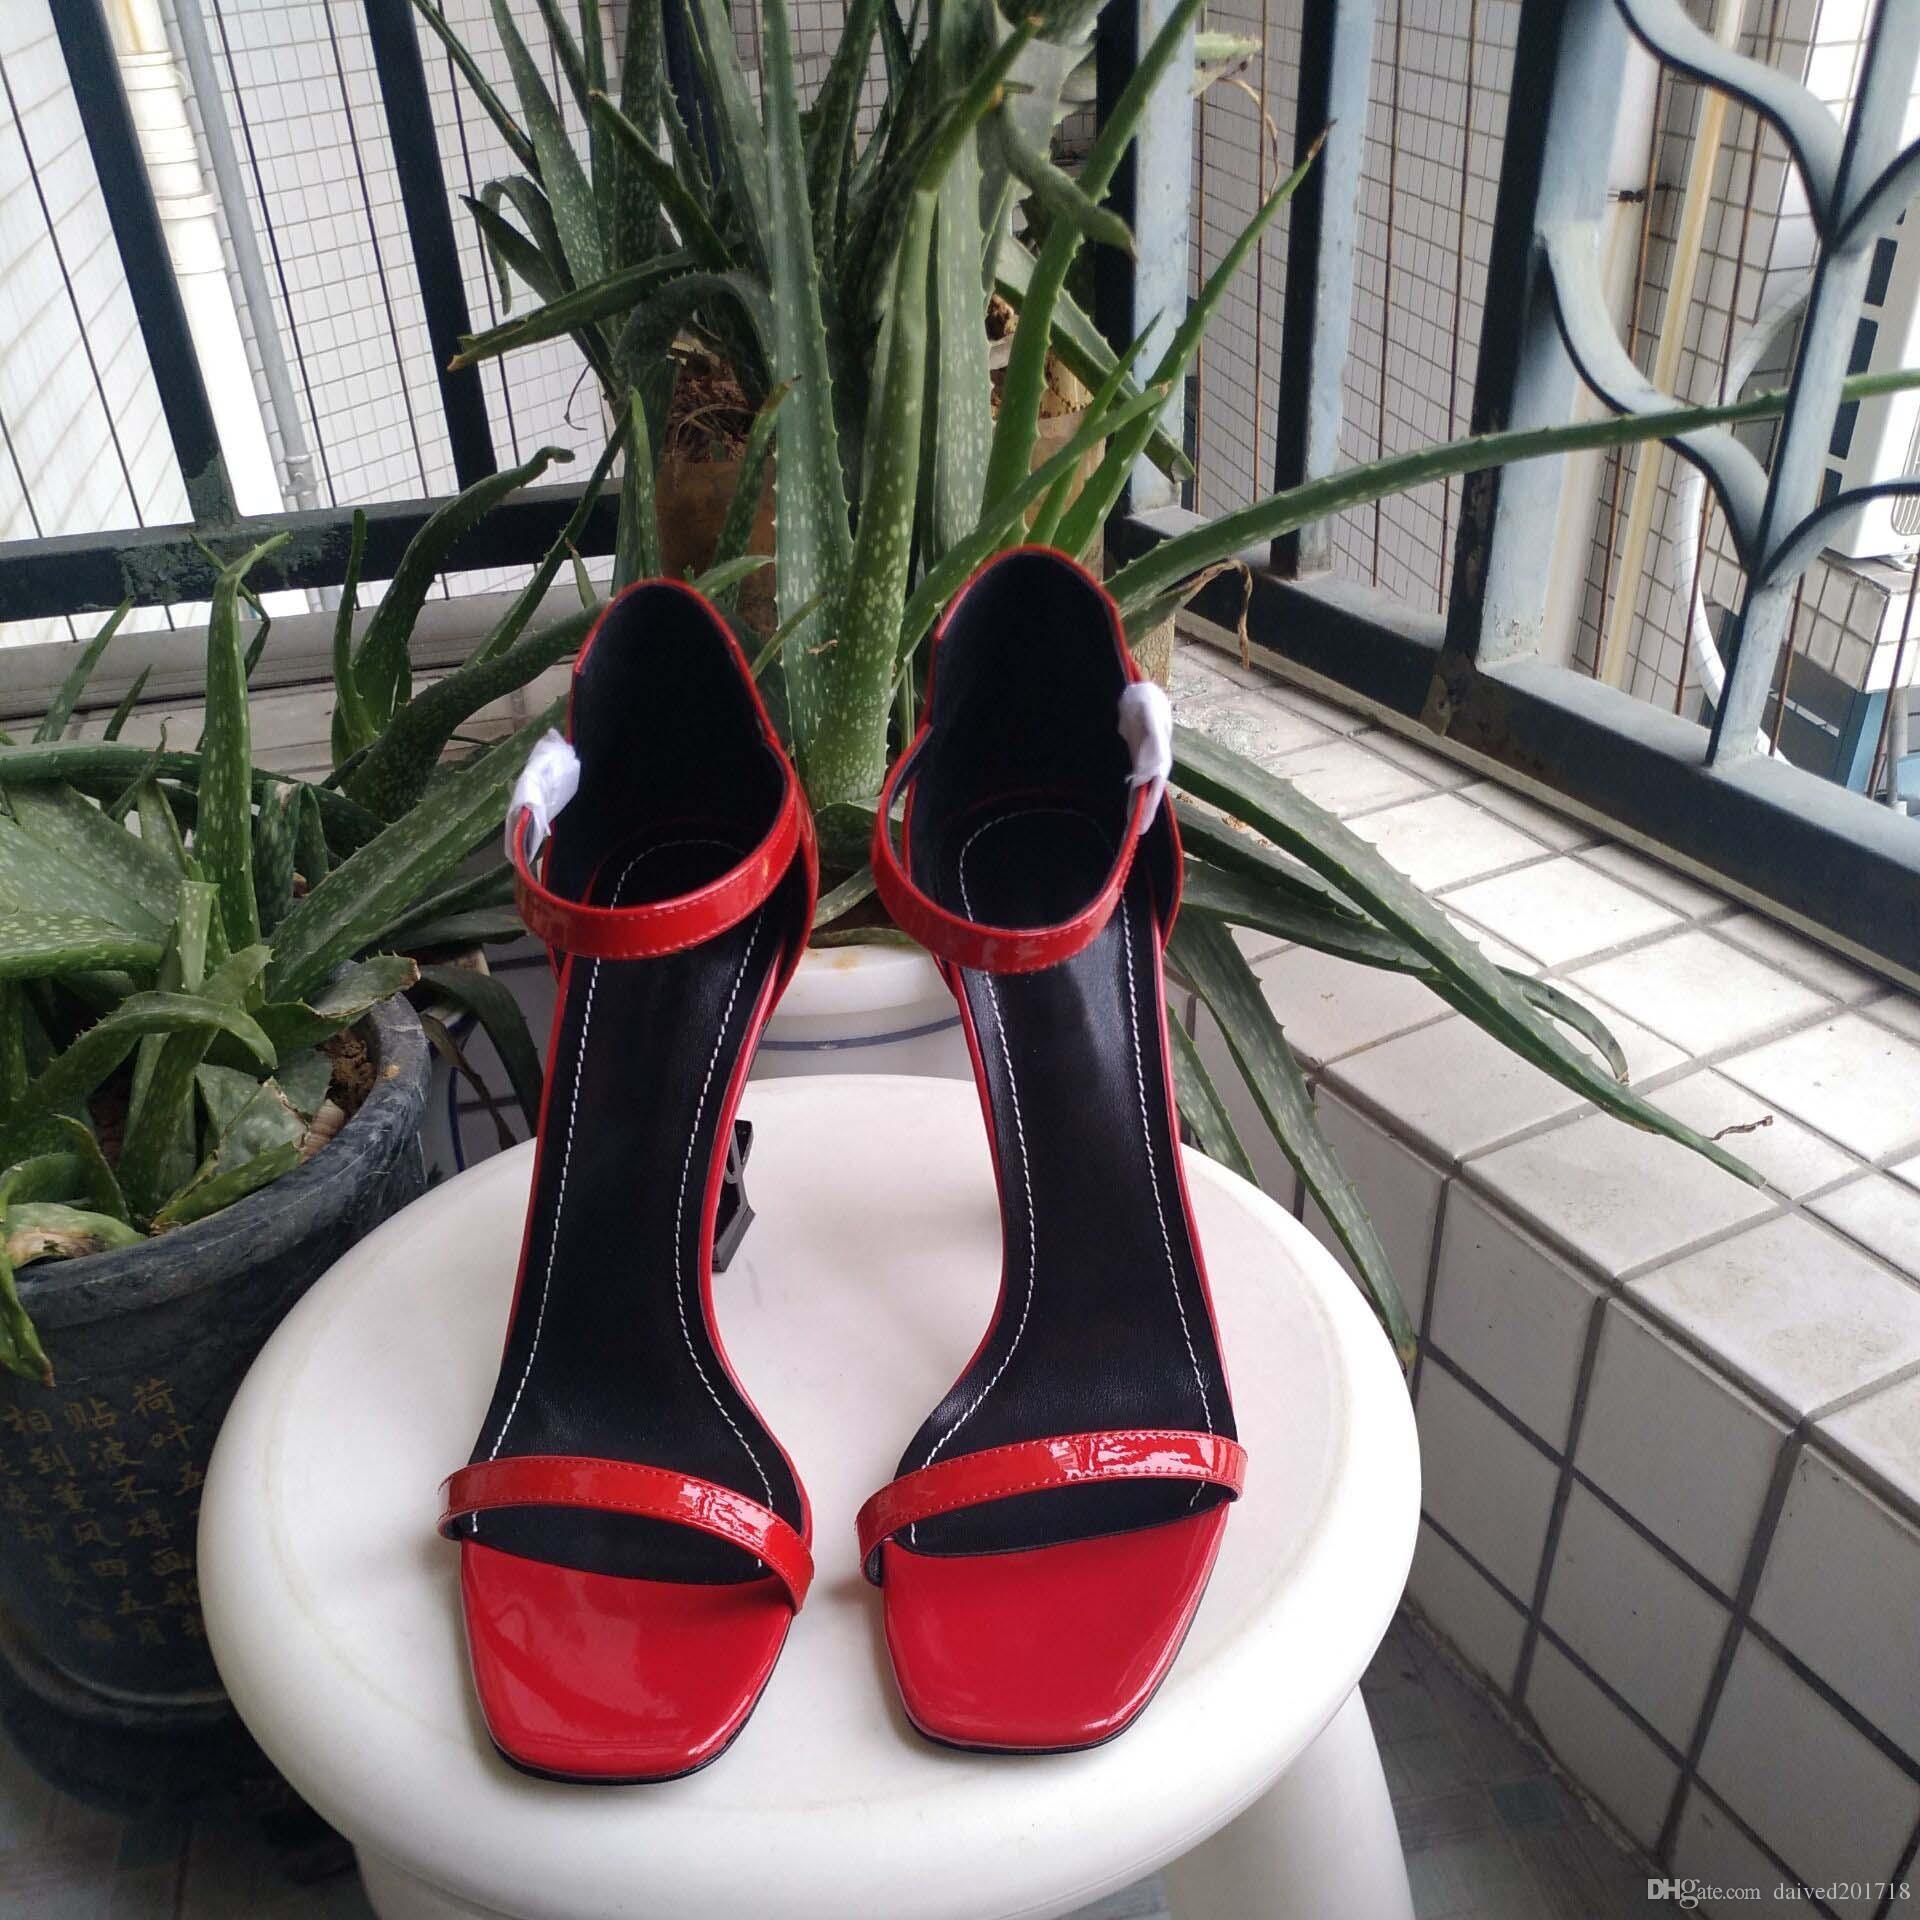 Yeni Avrupa lüks stil klasik yüksek topuklu sandalet bayan ayakkabıları Paris süpermodel podyum toka kauçuk taban